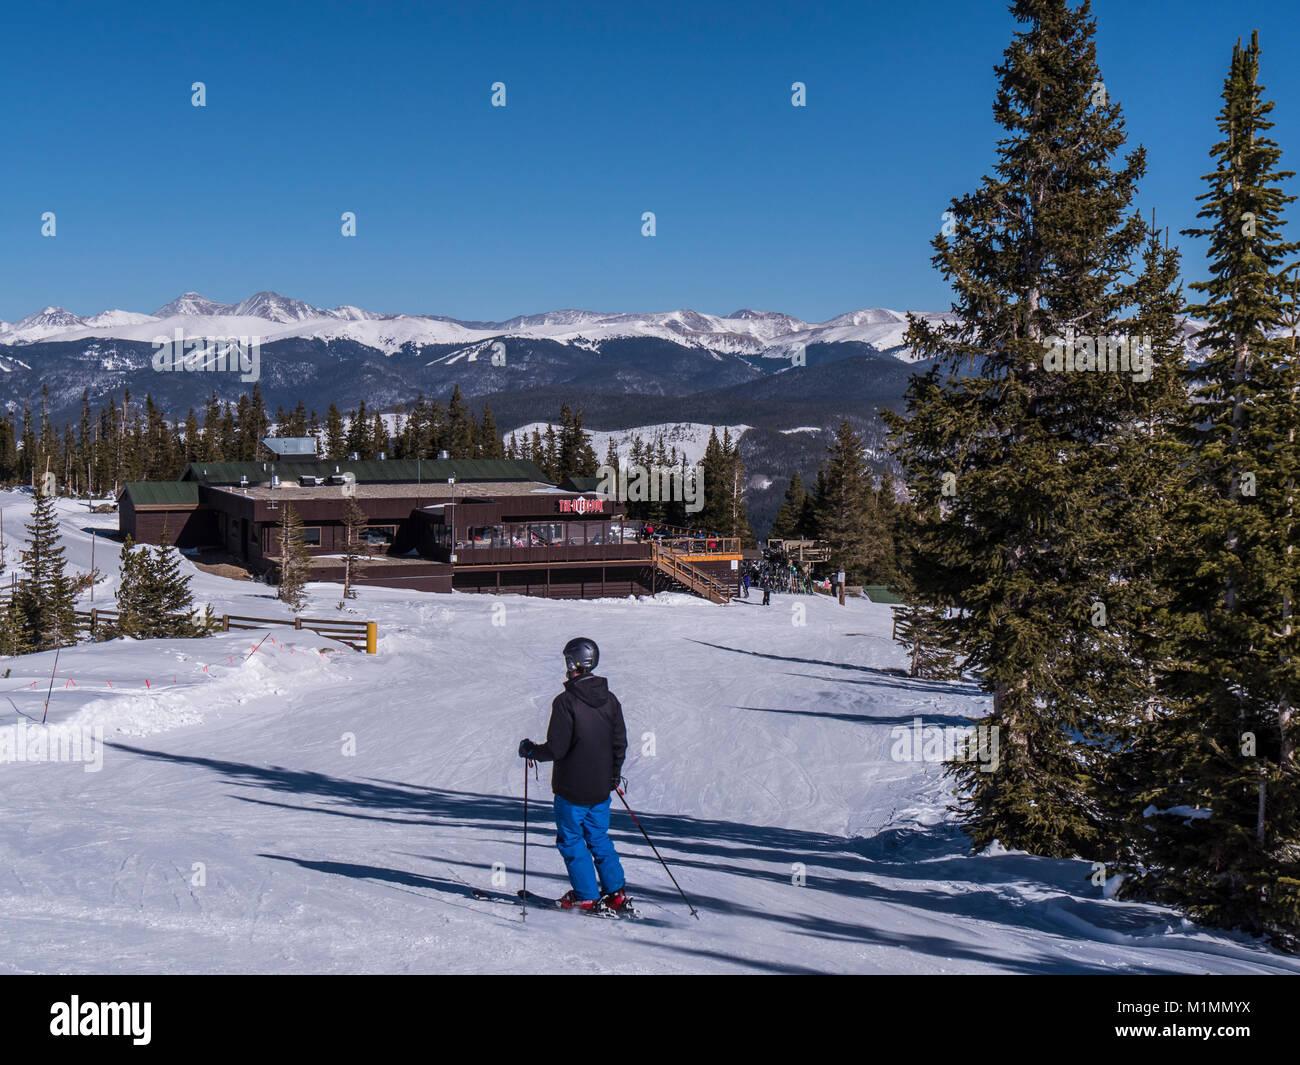 Der Tag übersehen Lodge und Restaurant auf der Spitze Spitze 9, Breckenridge Ski Resort, Breckenridge, Colorado. Stockbild